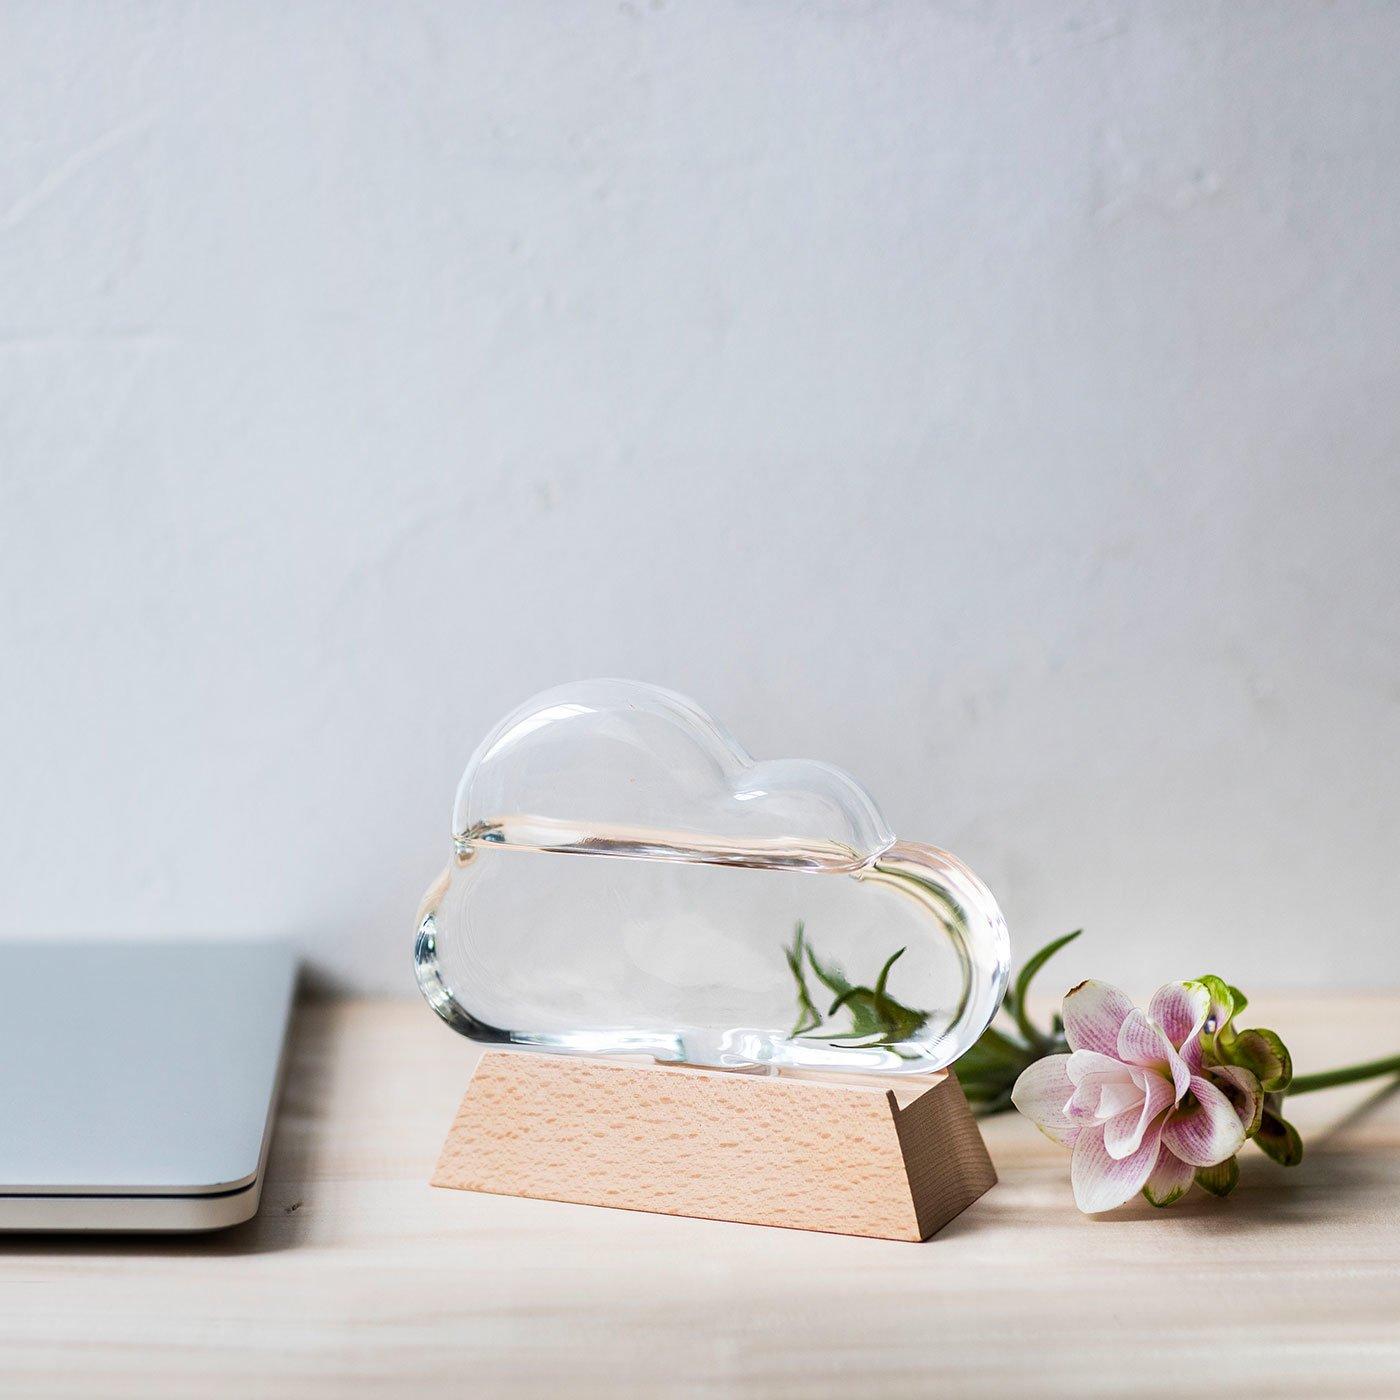 結晶の変化が楽しみに 雲形のガラスがかわいい ストームグラス